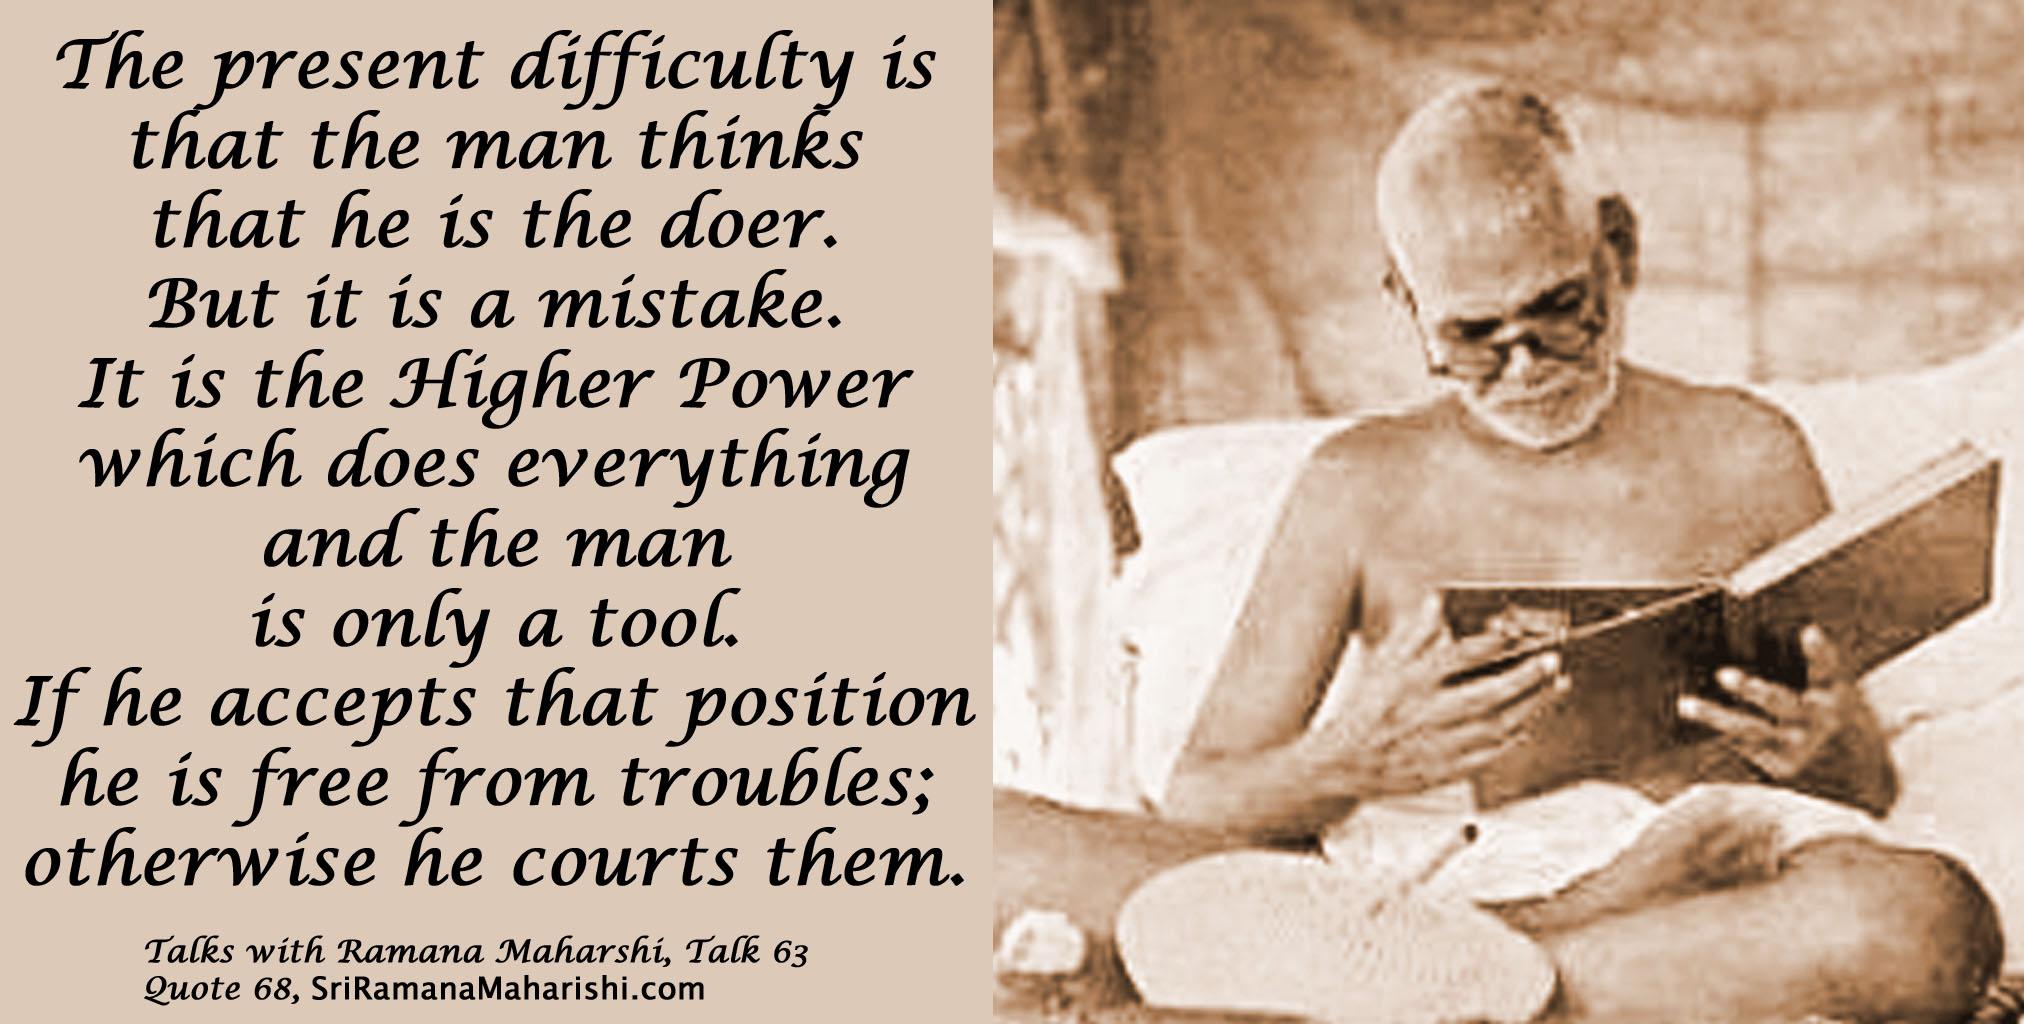 Ramana Maharshi Quote 68